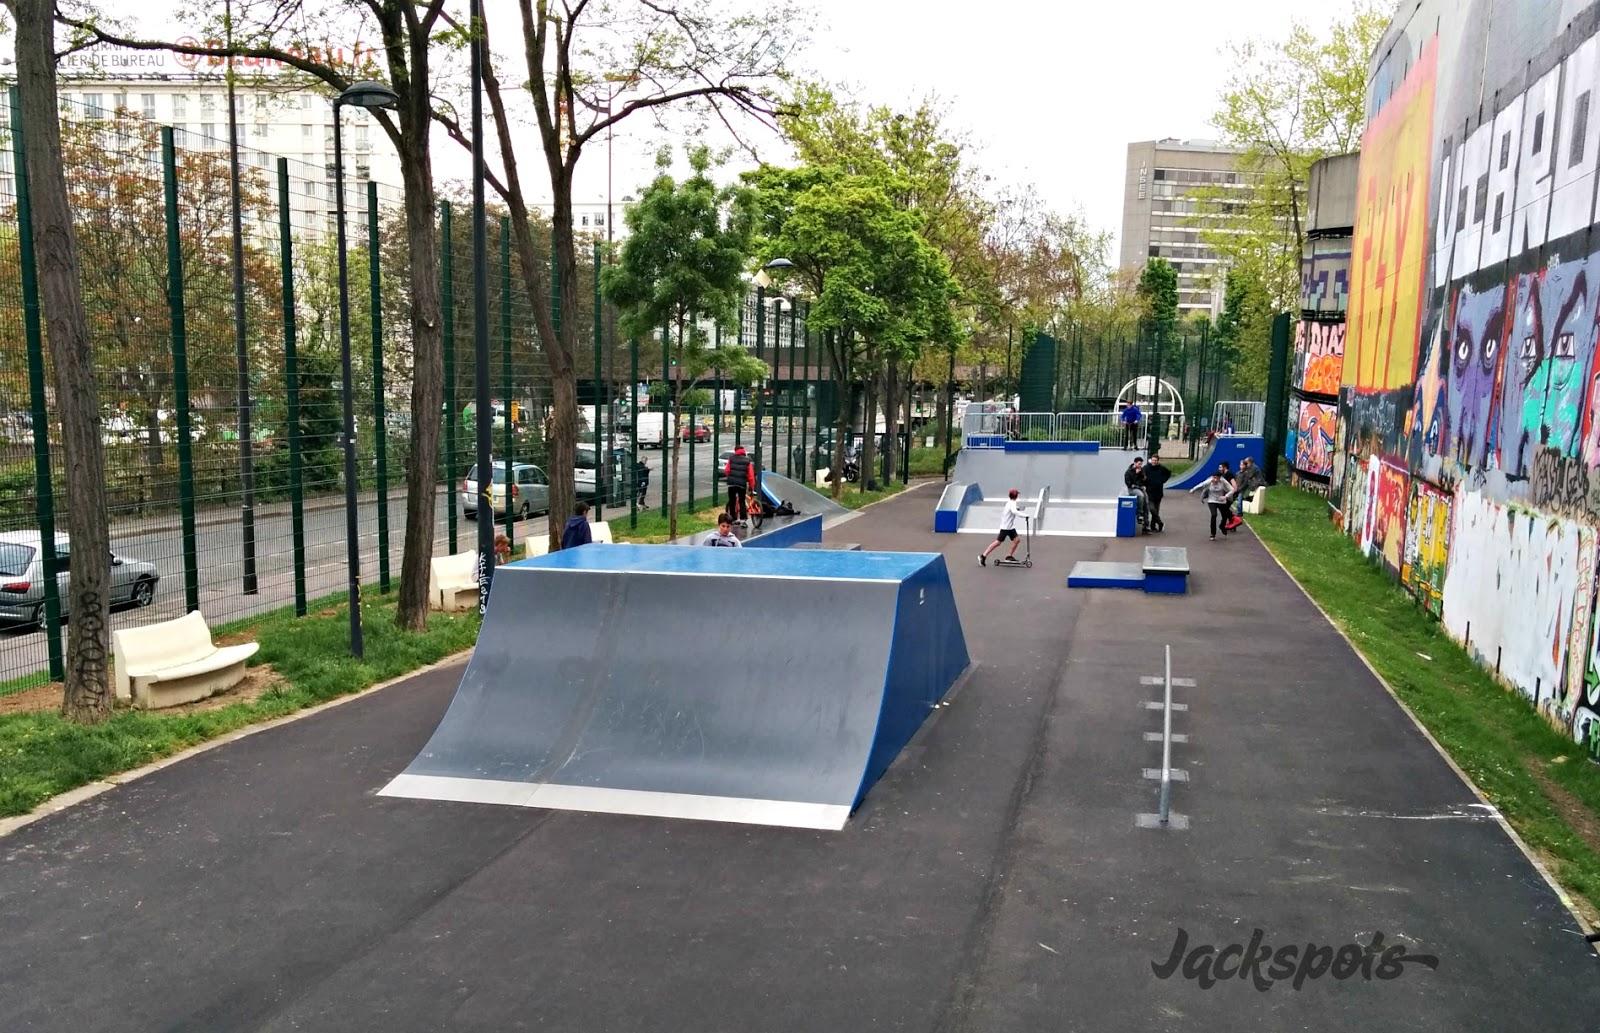 Le nouveau skatepark porte de vanves paris jackspots - Conforama porte de vanves ...